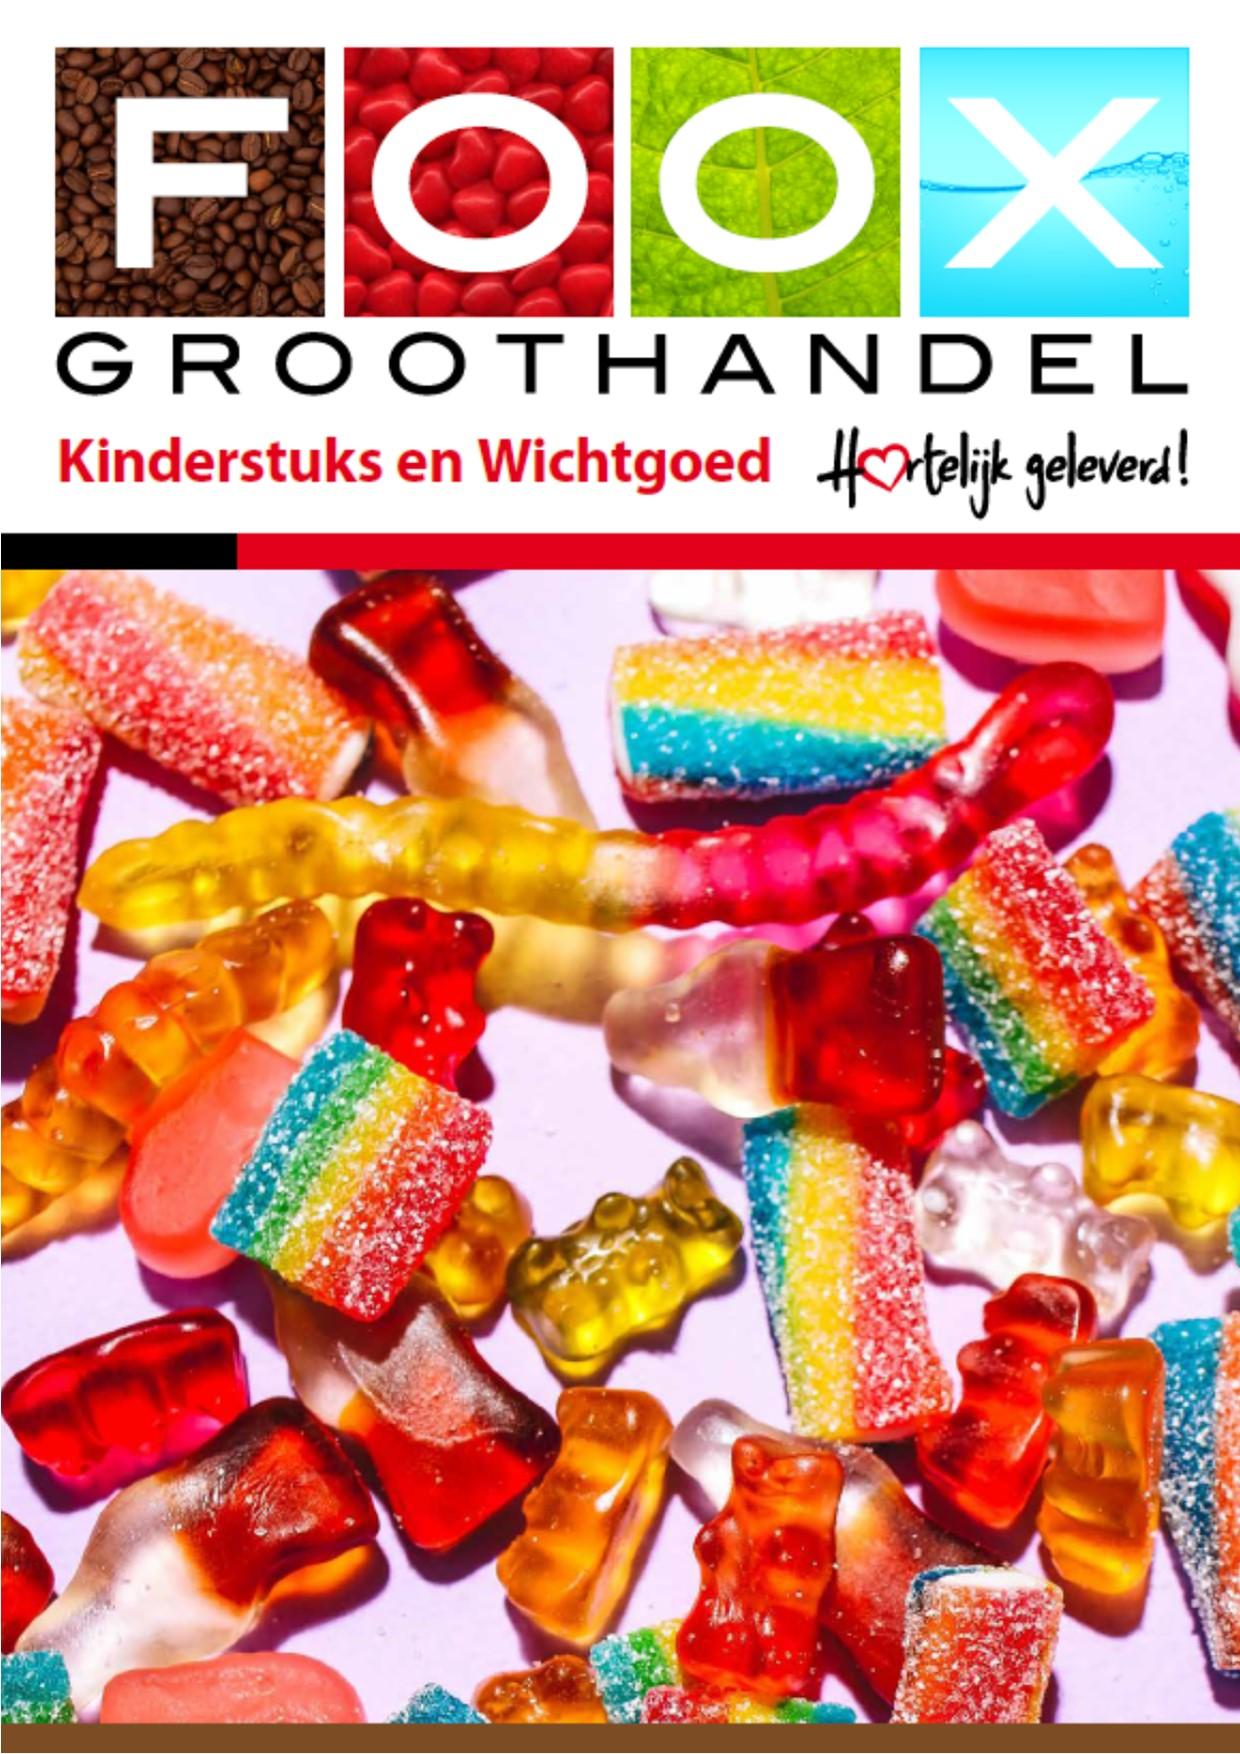 Brochure Wichtgoed & Kinderstuks